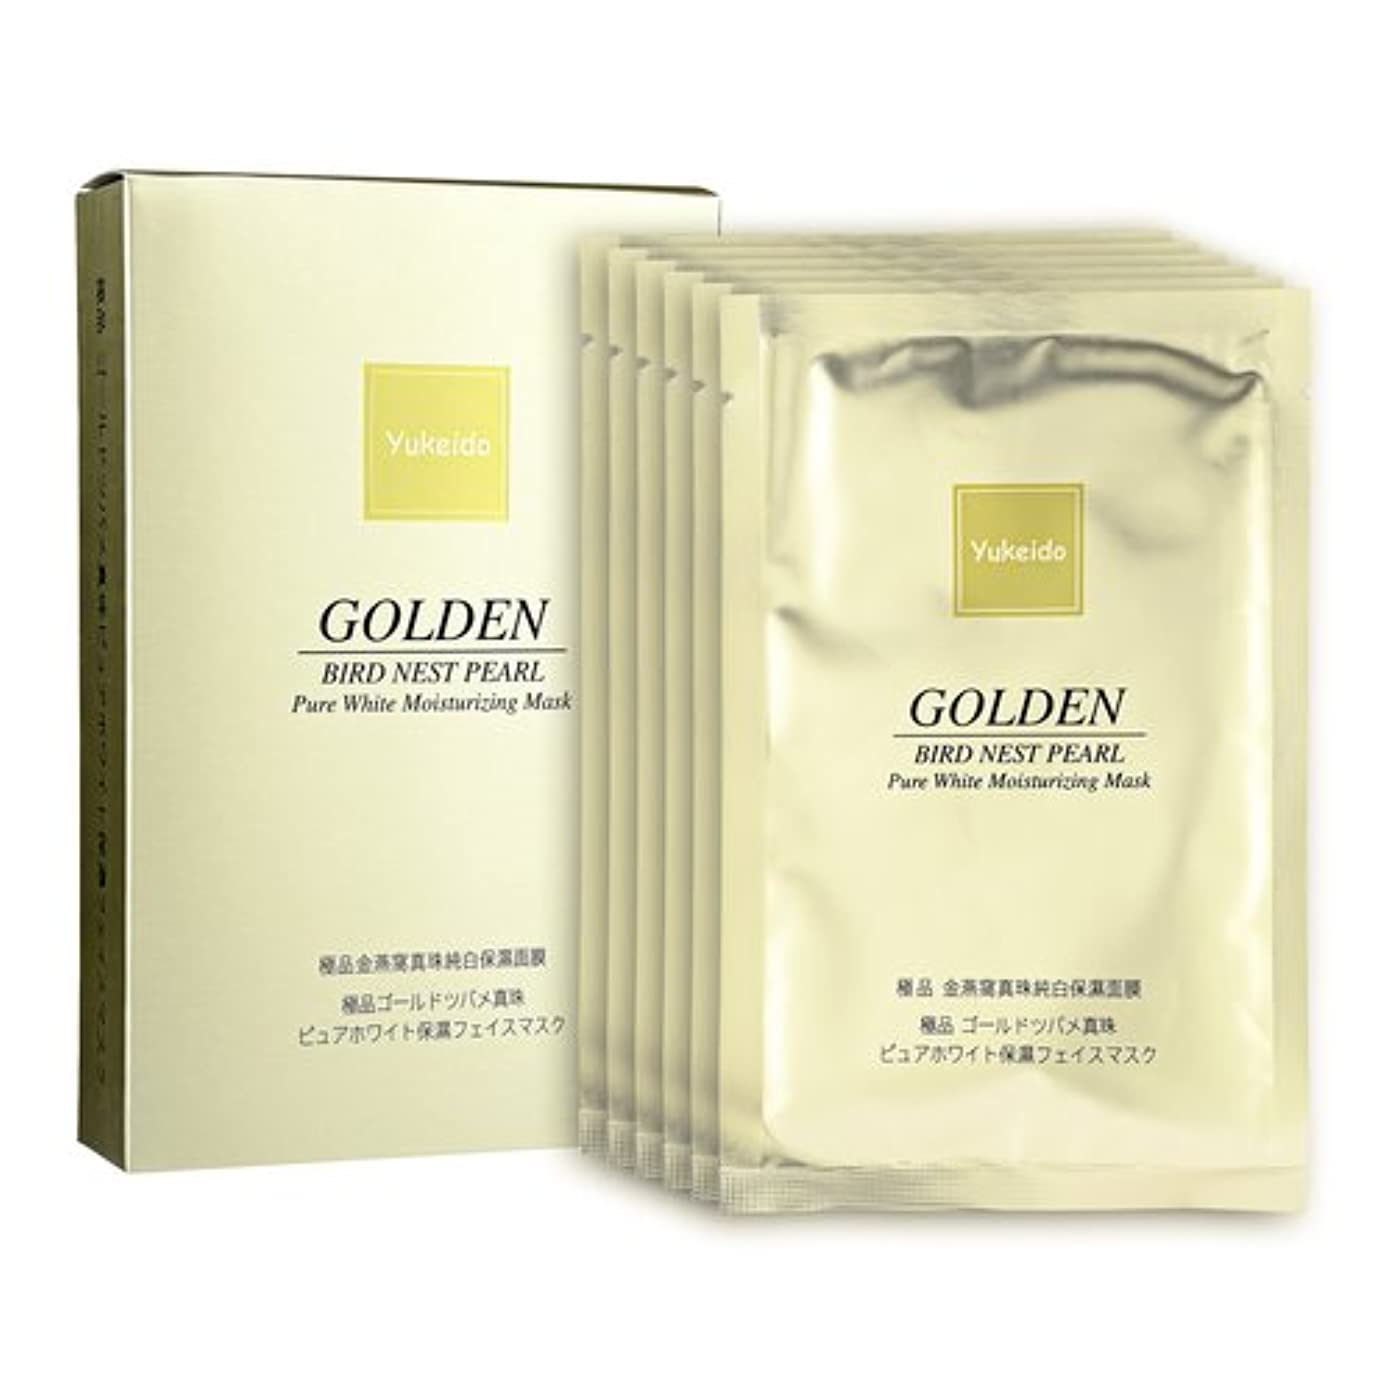 ユケイドー 極品ゴールド ツバメ真珠 ホワイトニング&保湿 パック 30g×5枚 1箱 30g×5枚 [並行輸入品]